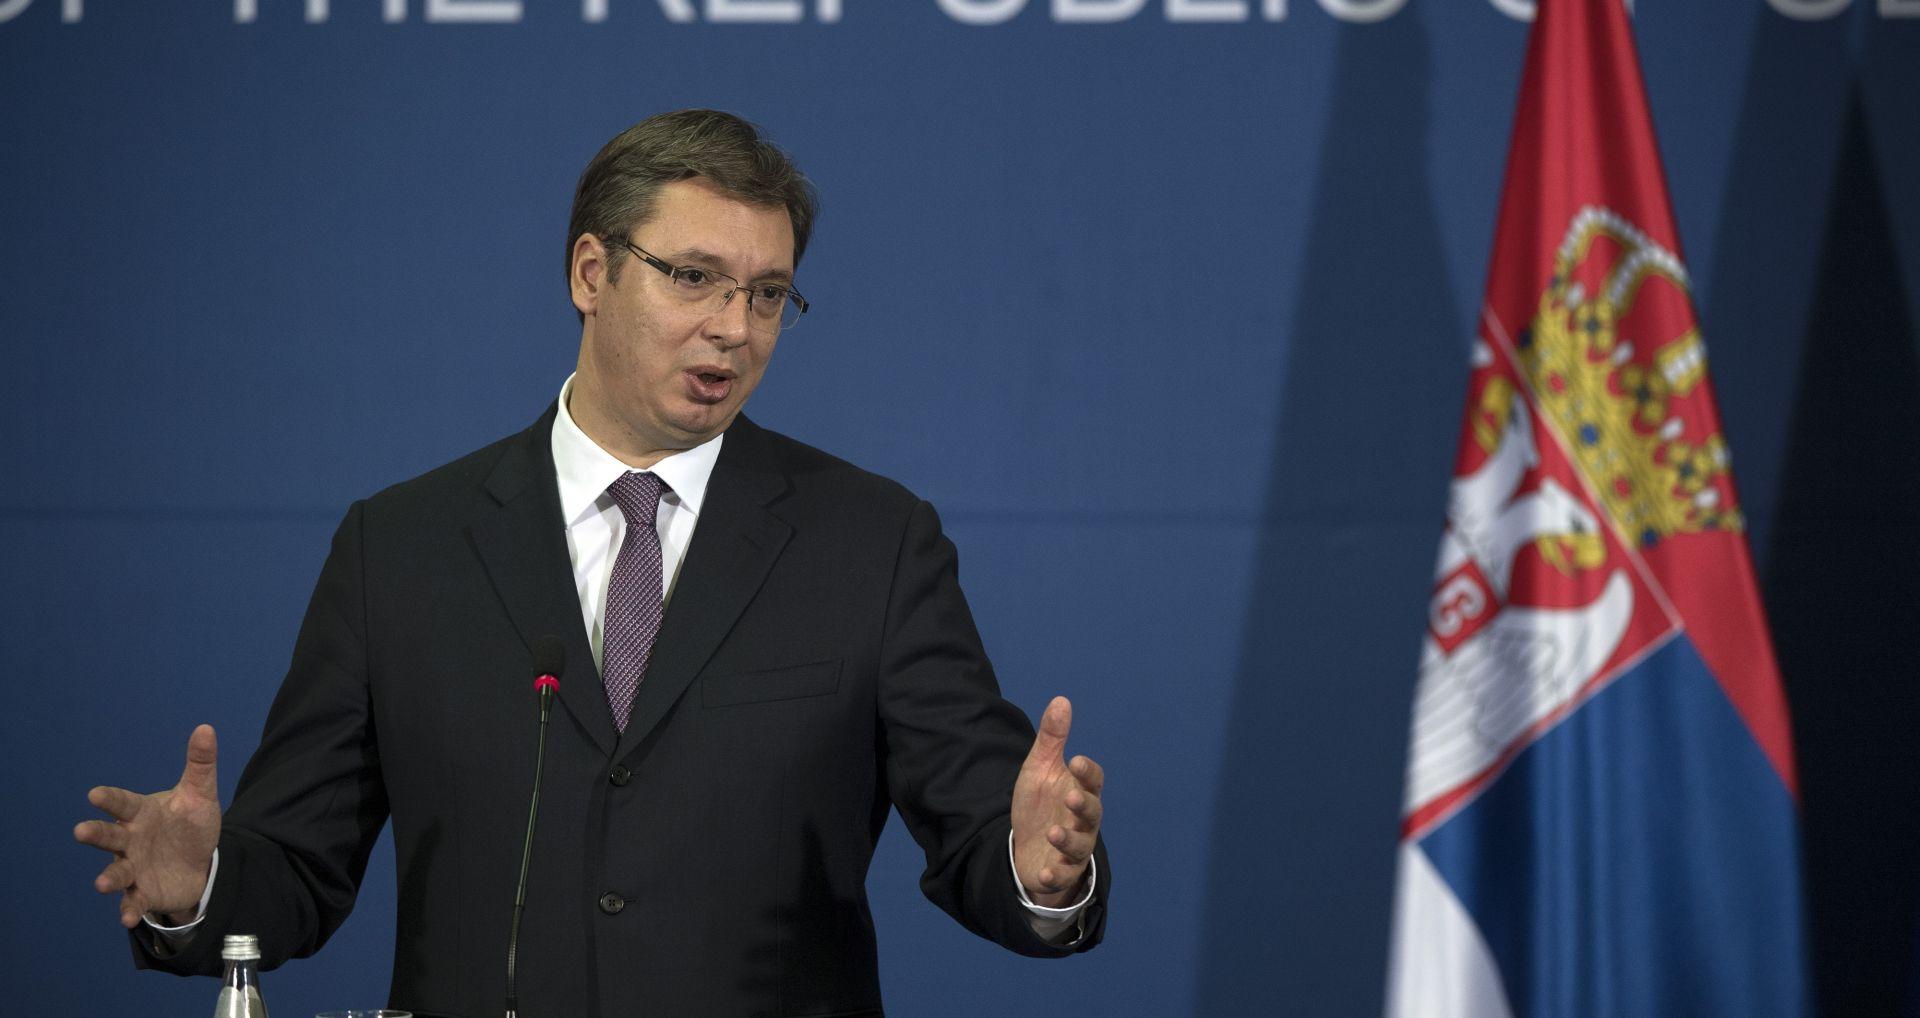 SRBIJA Vučić zabranio javno iznošenje podataka o incidentima s oružjem